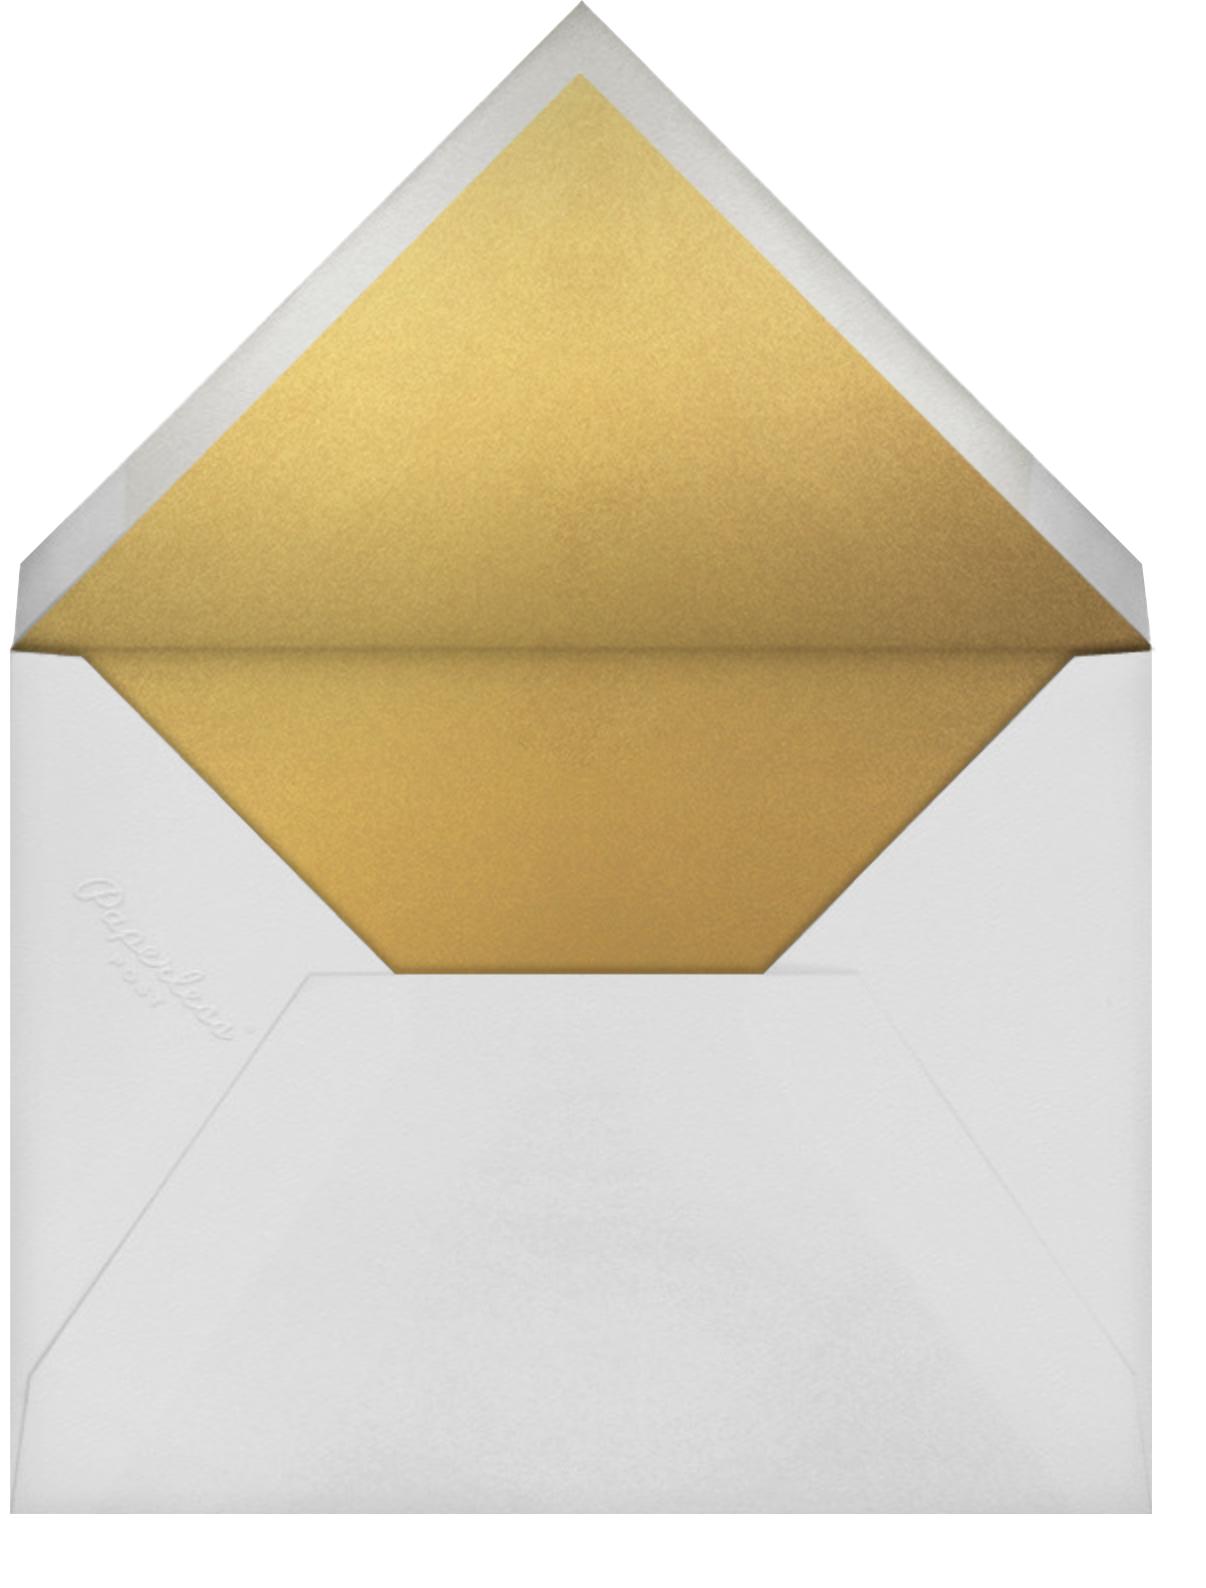 Starboard - Amethyst - Vera Wang - Envelope